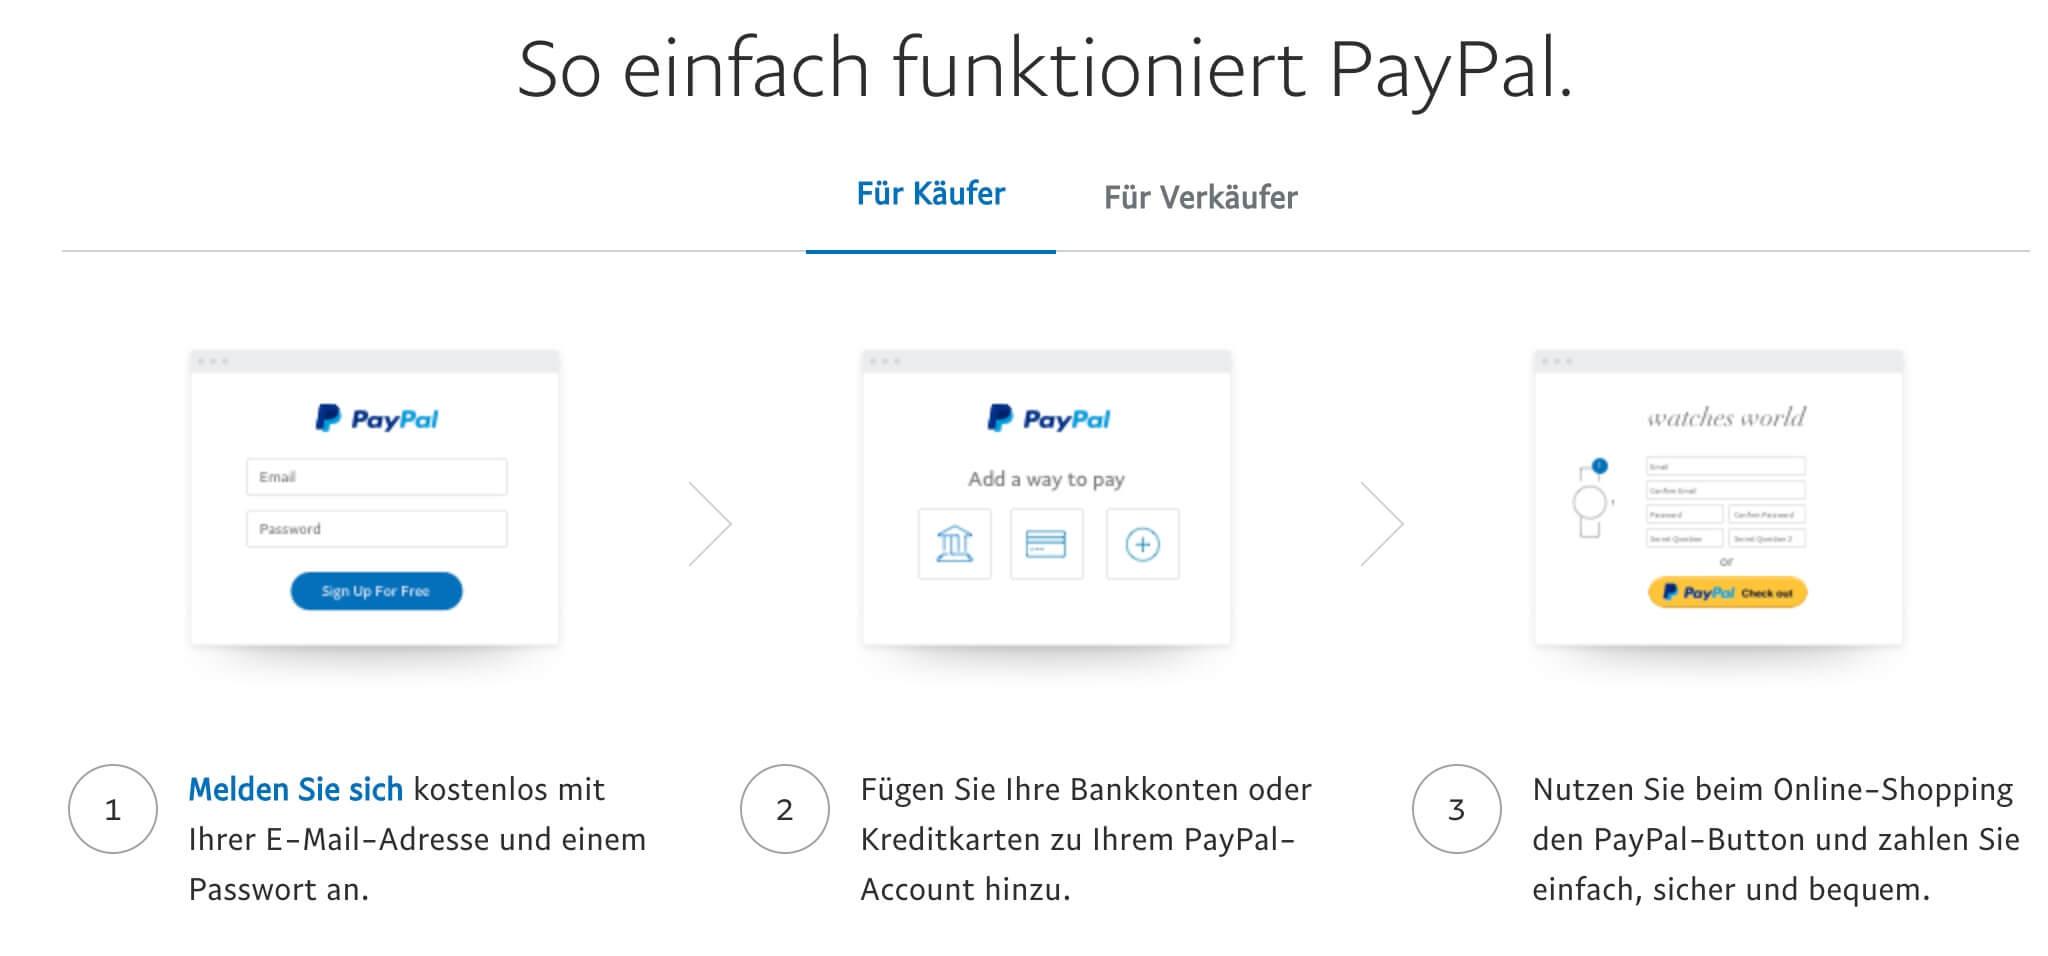 bwin paypal einzahlung geht nicht